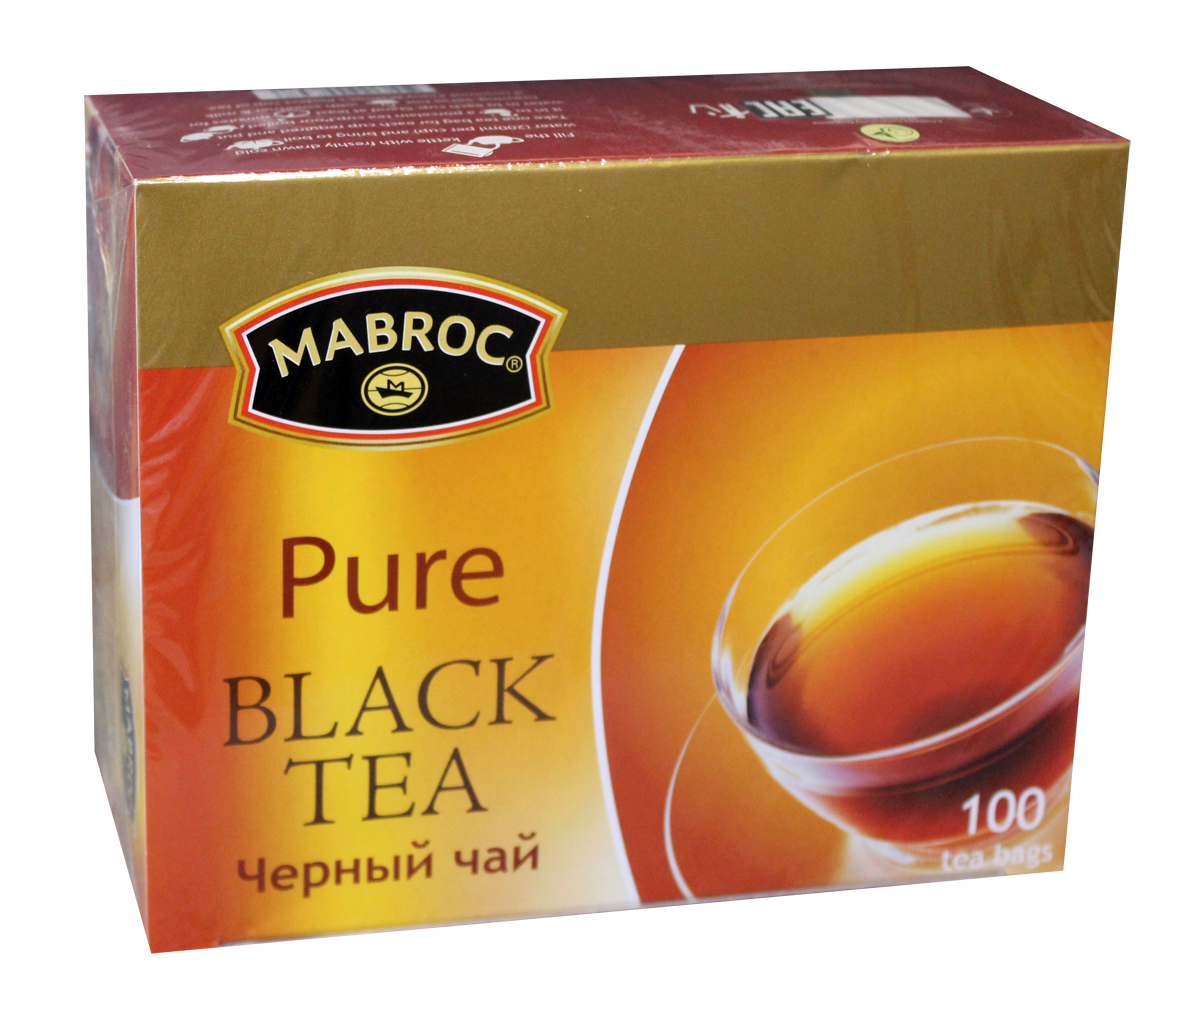 Mabroc Премиум классик чай черный в пакетиках, 100 шт4791014001195Mabroc Премиум классик - это качественный чай с собственных плантаций. Его насыщенный вкус и терпкий аромат никого не оставят равнодушным. Цейлонский черный мелколистовой чай в пакетиках имеет яркий, прозрачный настой с интенсивной окраской. Быстро заваривается. Вкус терпкий с приятной горчинкой и хорошо выраженным ароматом.